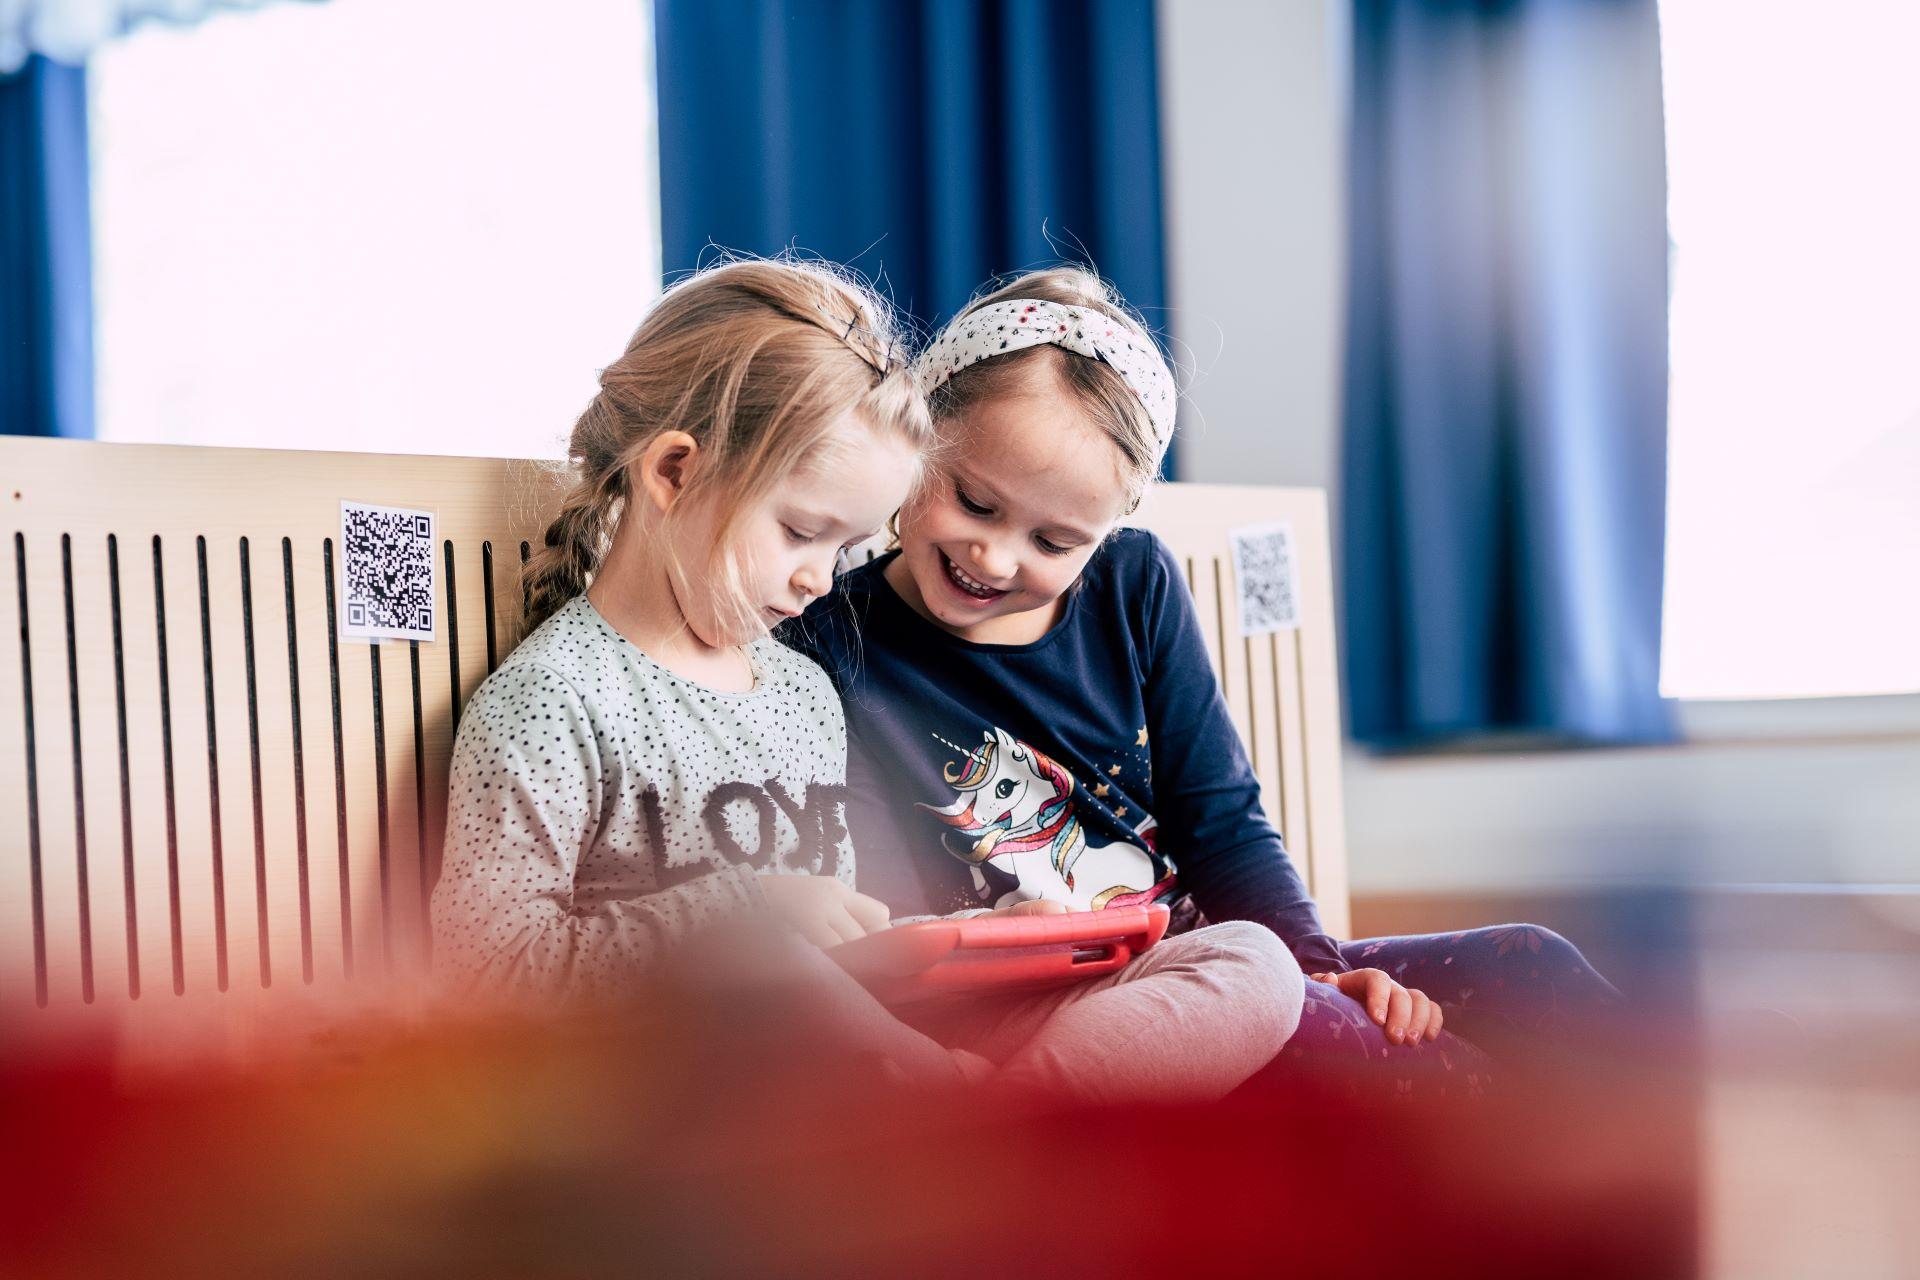 Lapset käyttävät sujuvasti tietoteknisiä välineitä osana leikkiä ja oppimista